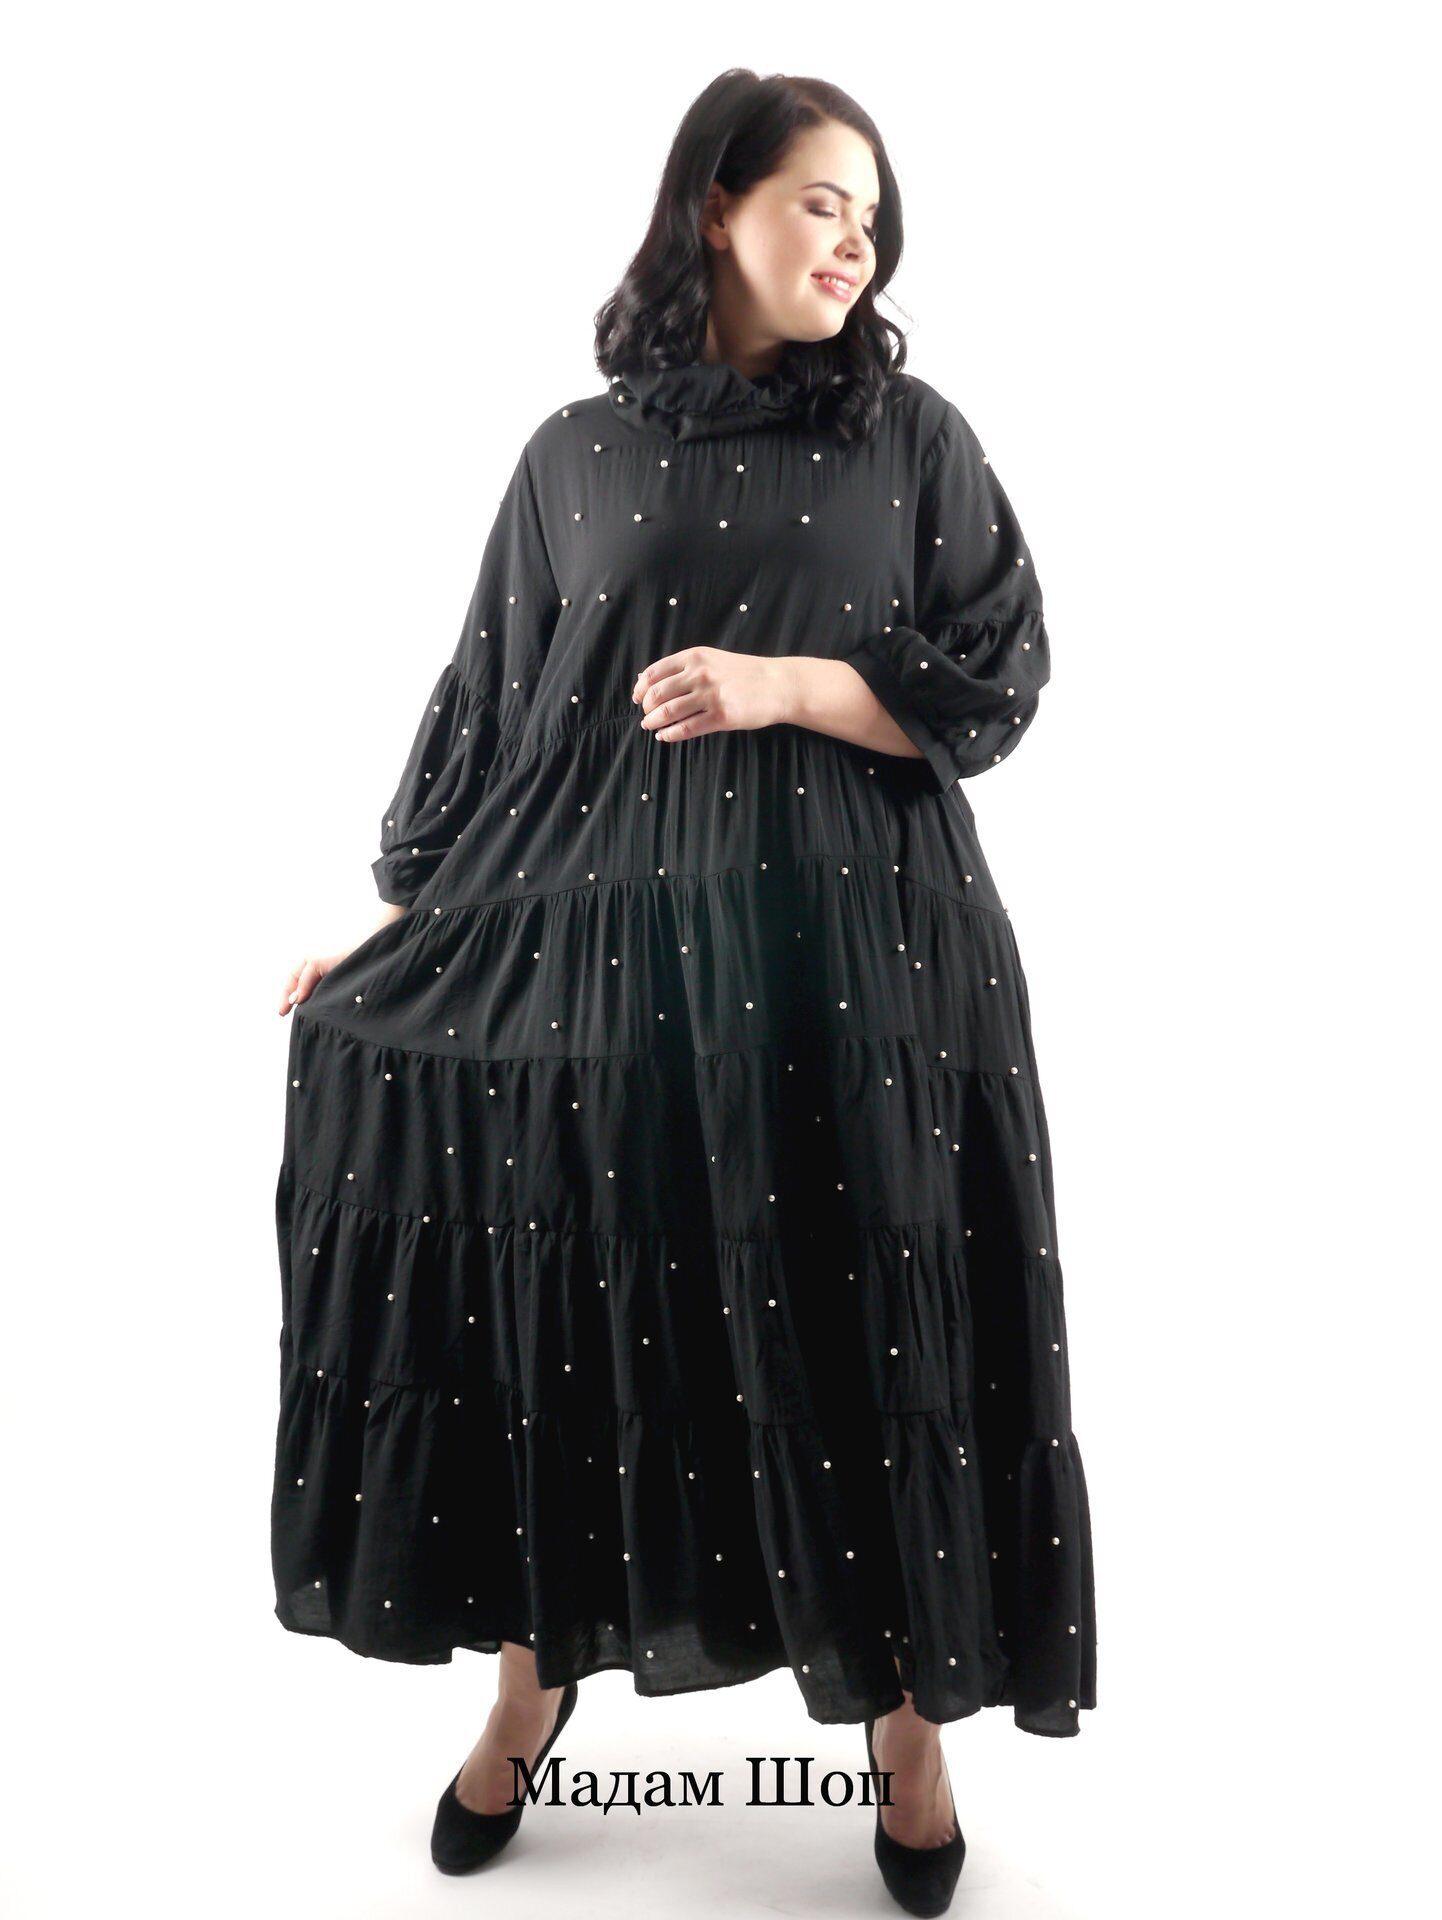 e866c490c42 Многоярусное черное свободное платье украшено искусственным жемчугом.  Женственность строгому образу придают длинные рукава-фонарики